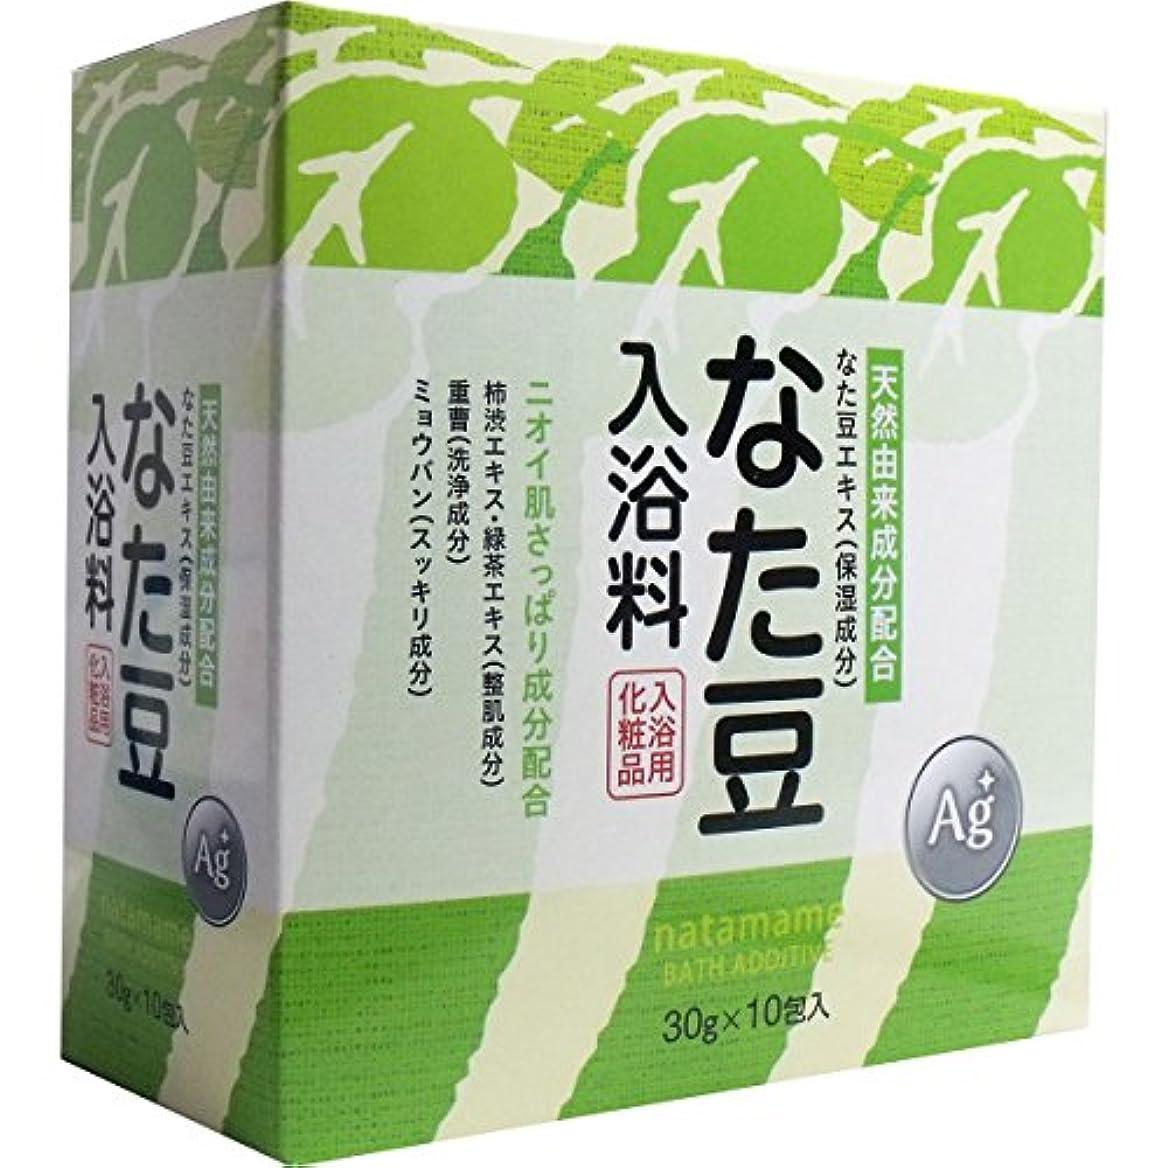 マリナー検査官バーなた豆入浴料 入浴用化粧品 30g×10包入×7